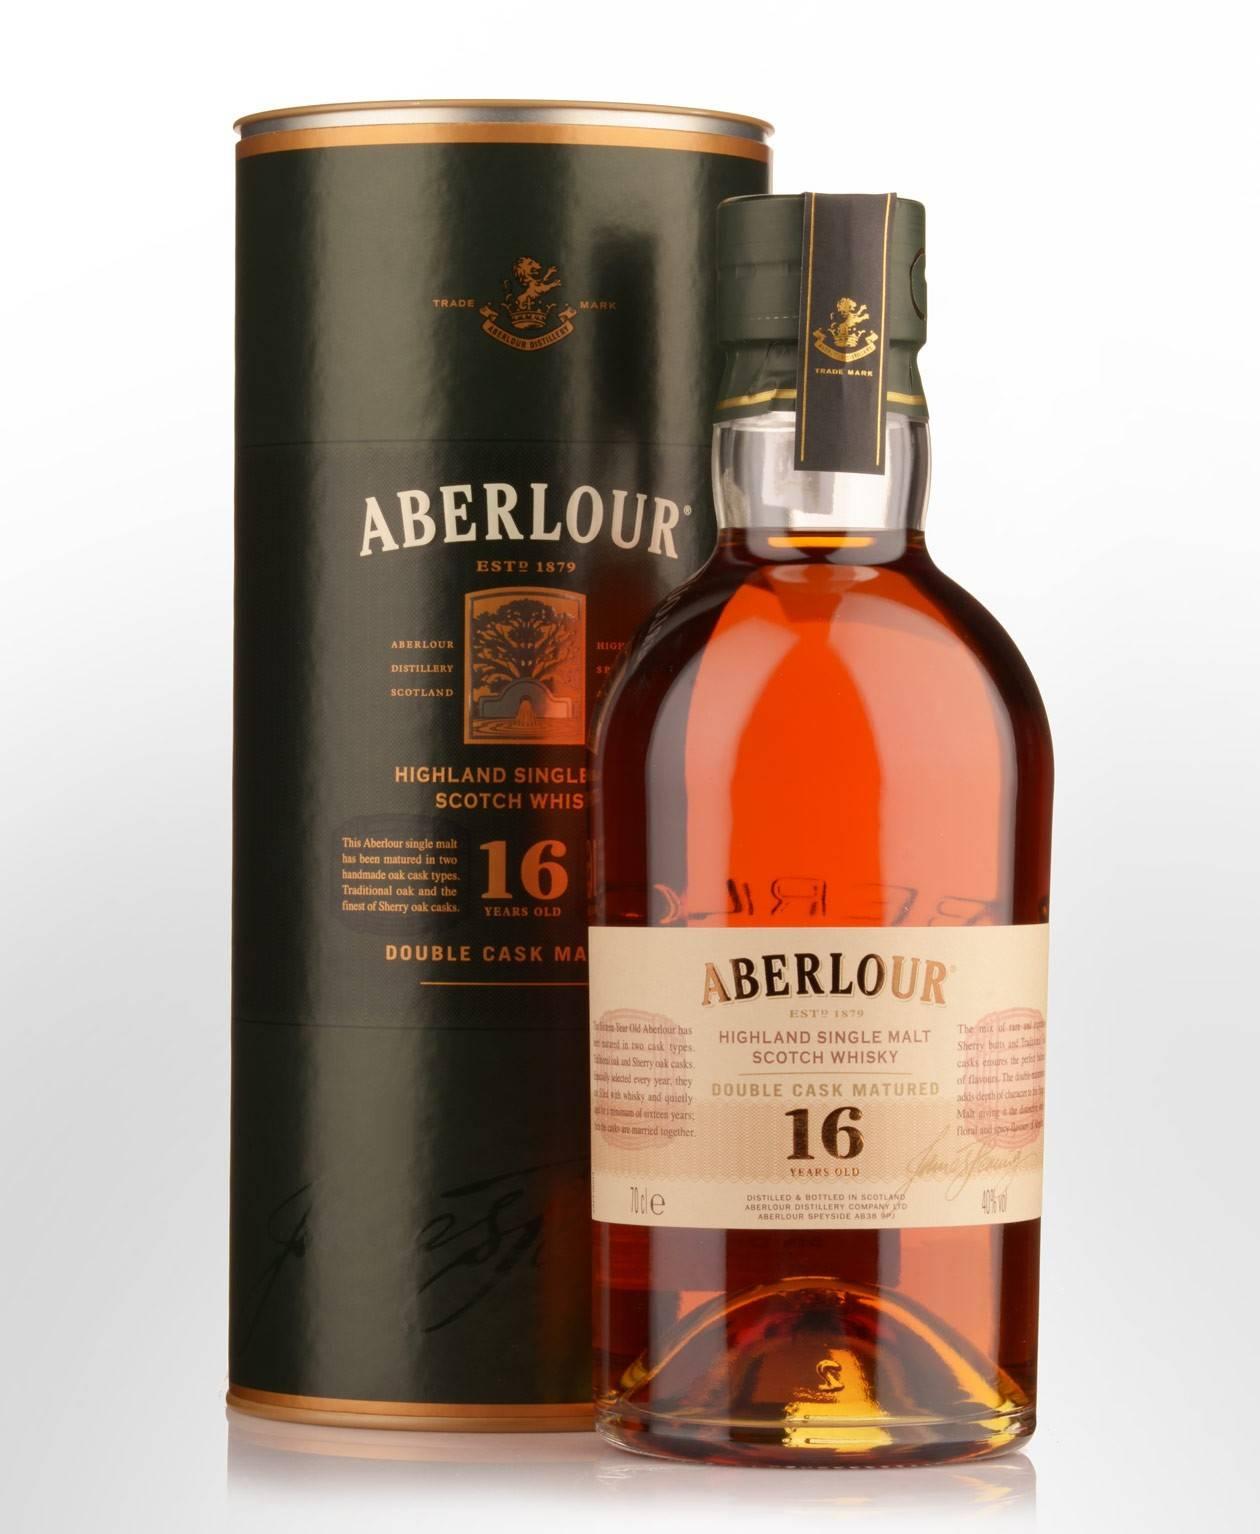 Виски aberlour: история, обзор видов, как и с чем пить + интересные факты